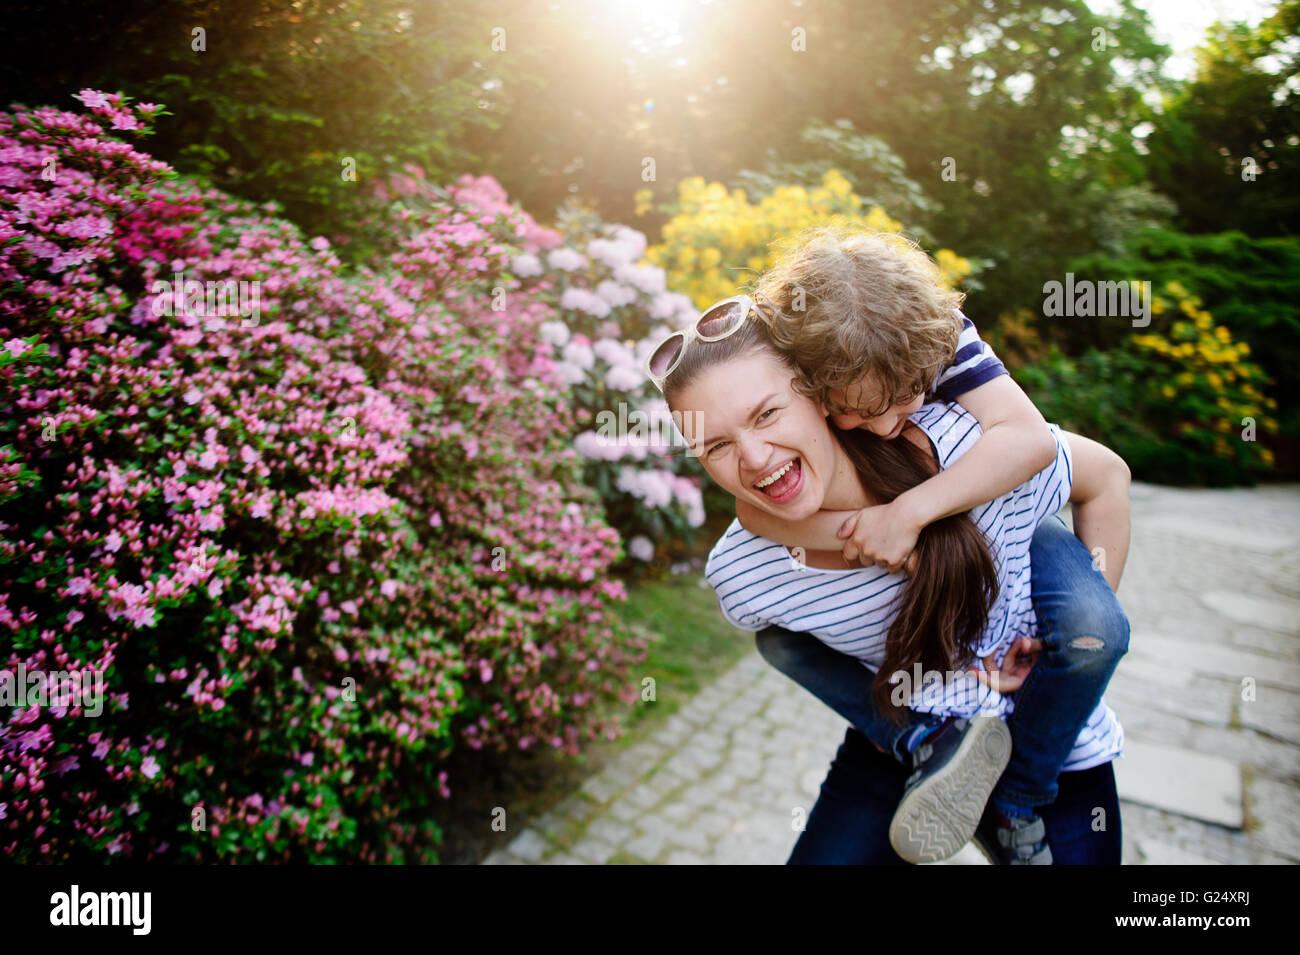 La mujer y el niño en el parque Imagen De Stock